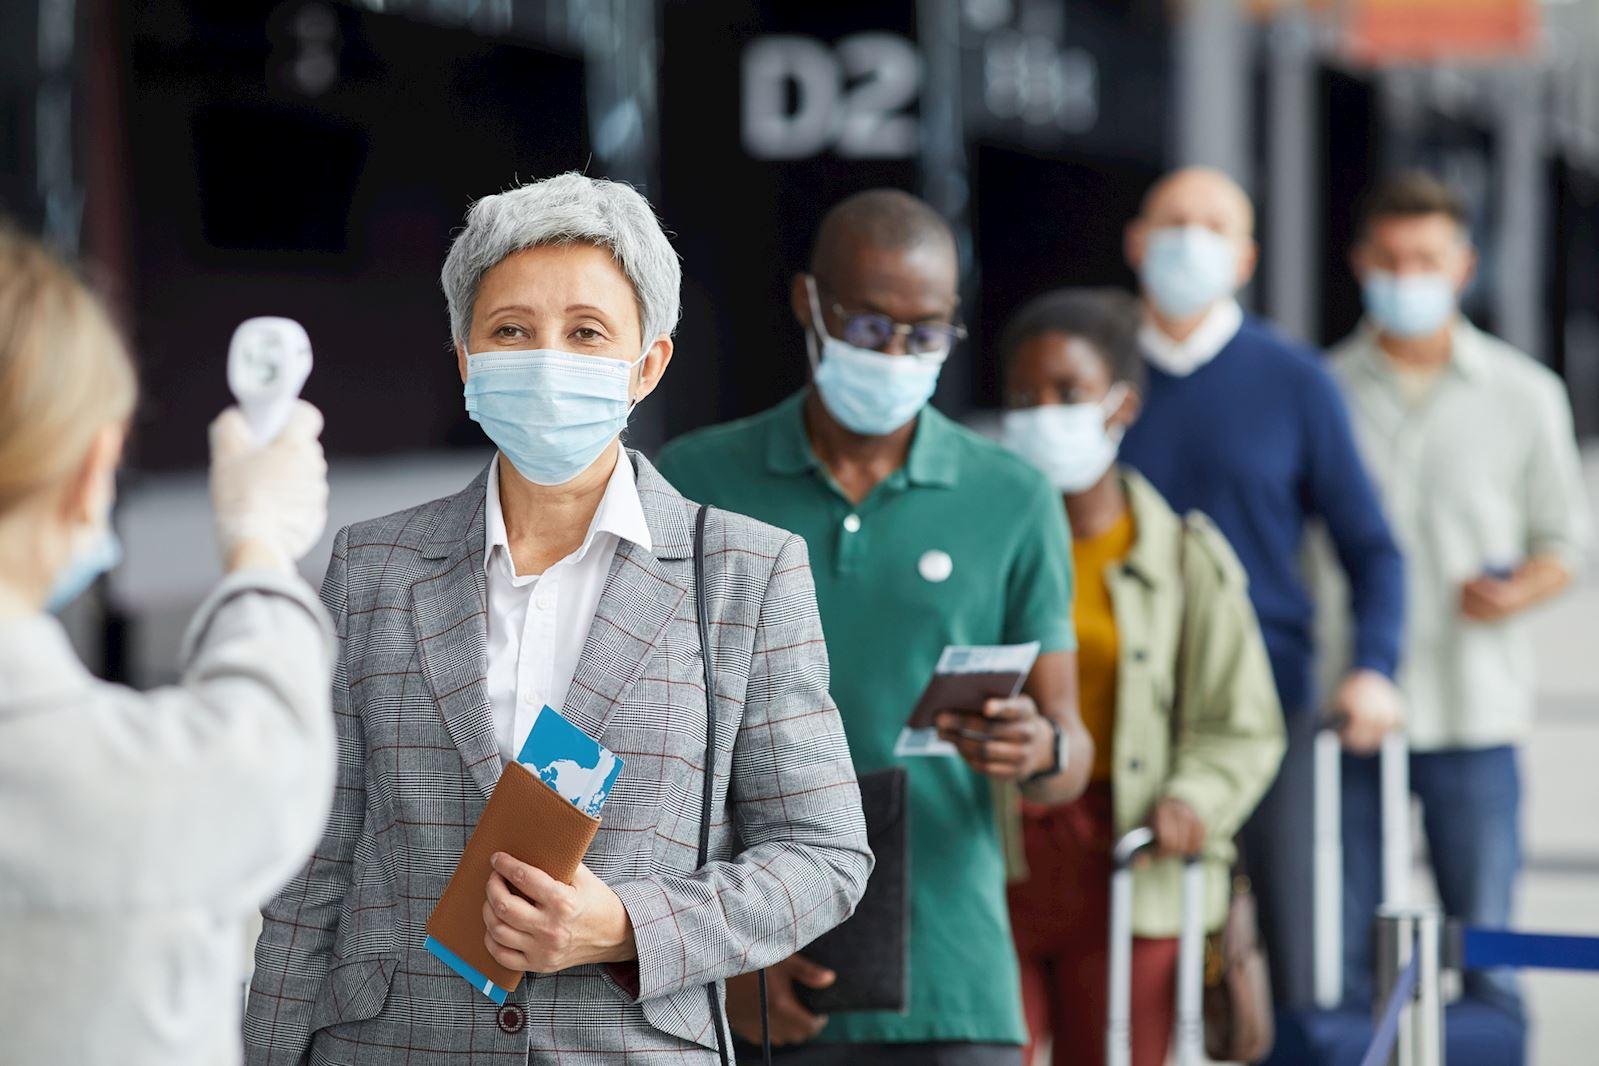 אנשים בתור לבדיקת חום